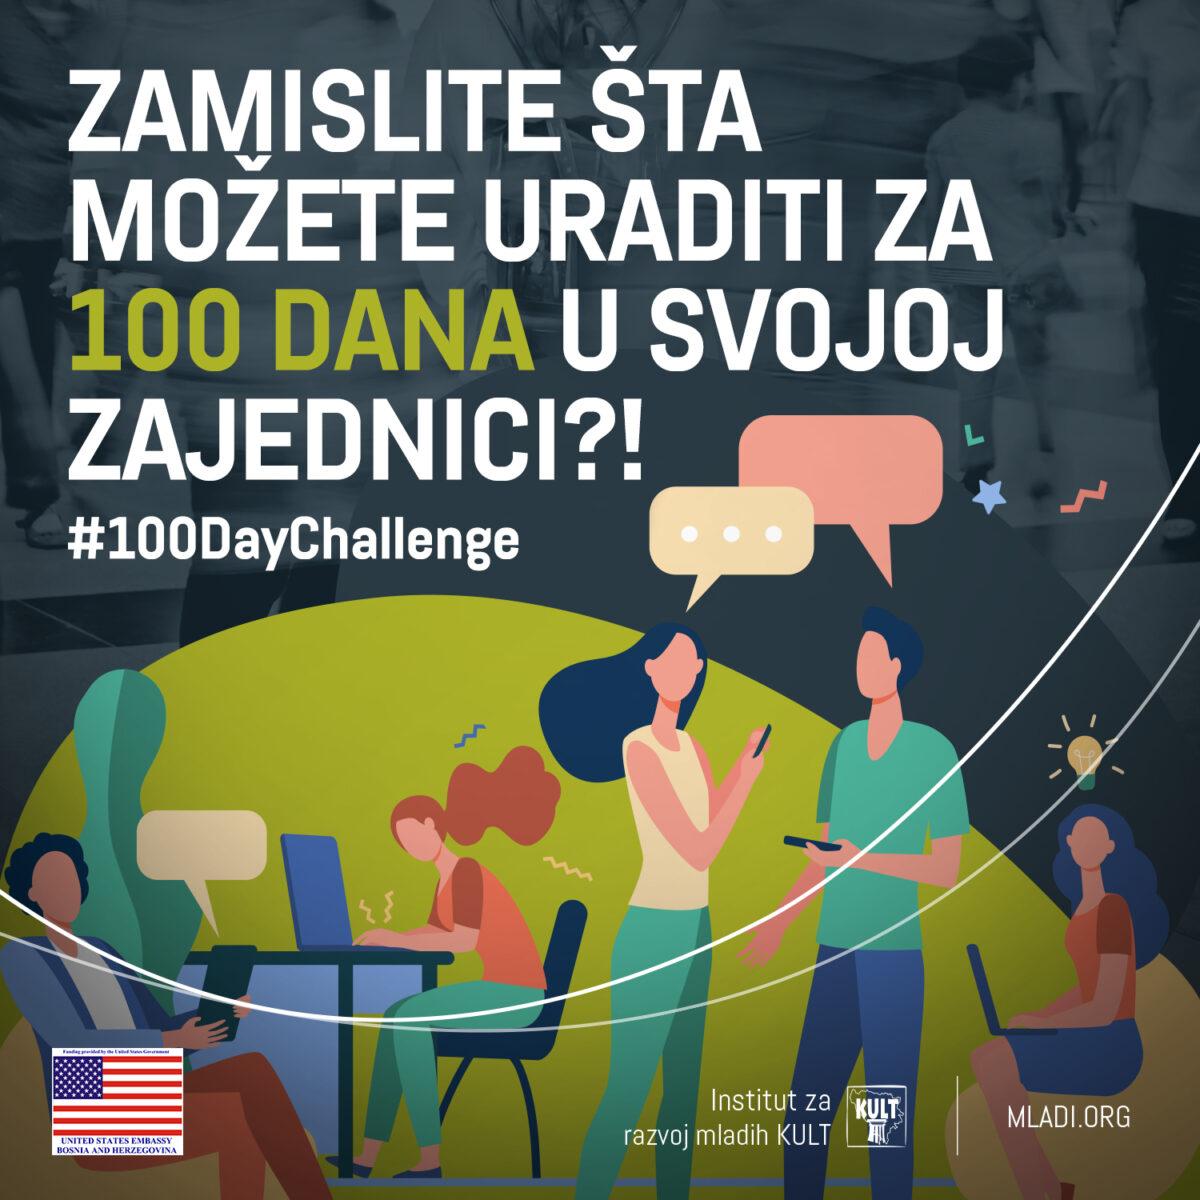 Prijavi se za učešće u #100DayChallenge